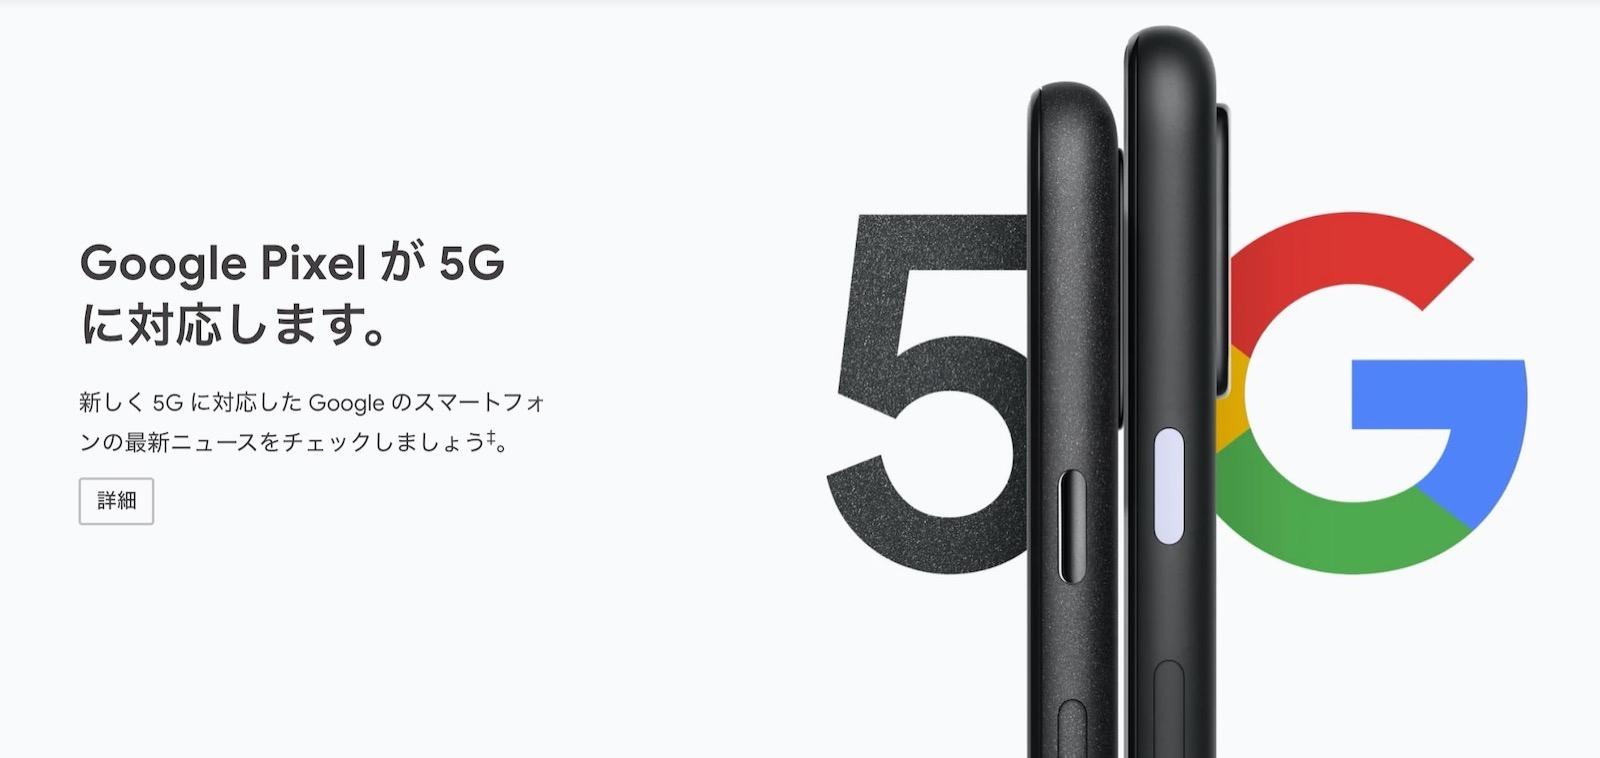 5g pixel phones coming soon